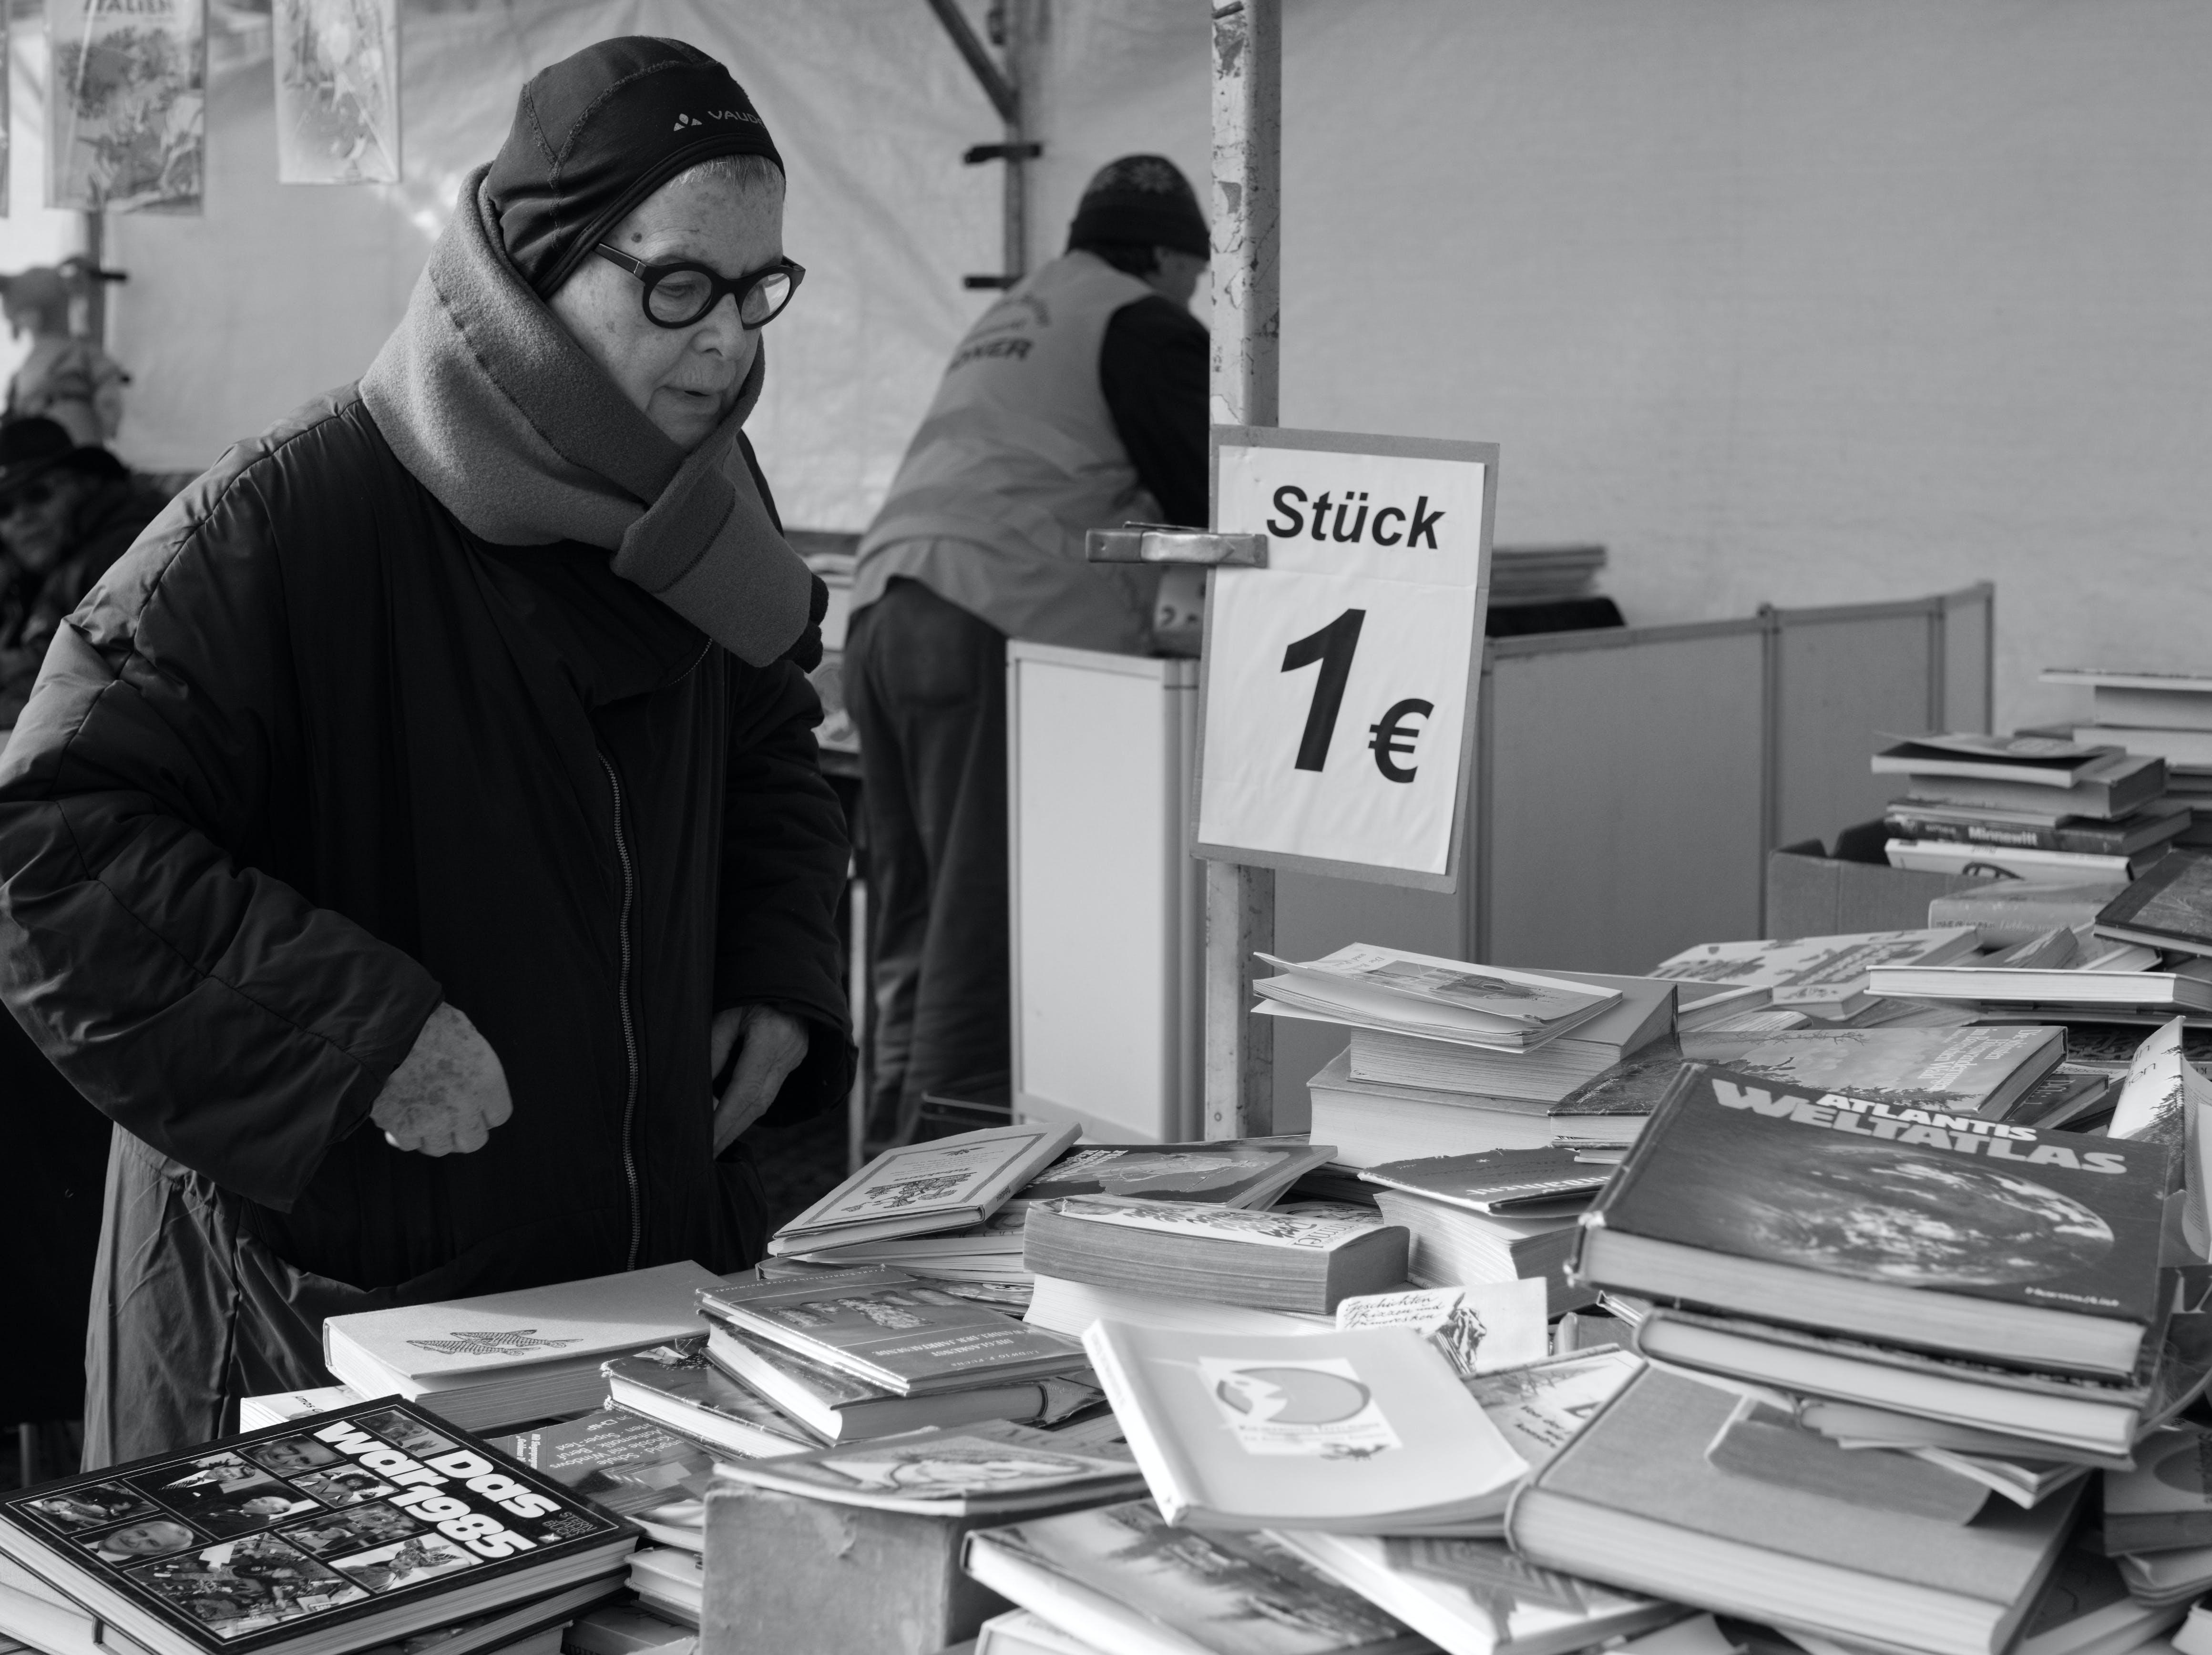 Δωρεάν στοκ φωτογραφιών με ασπρόμαυρο, Βερολίνο, βιβλία, γυναίκα